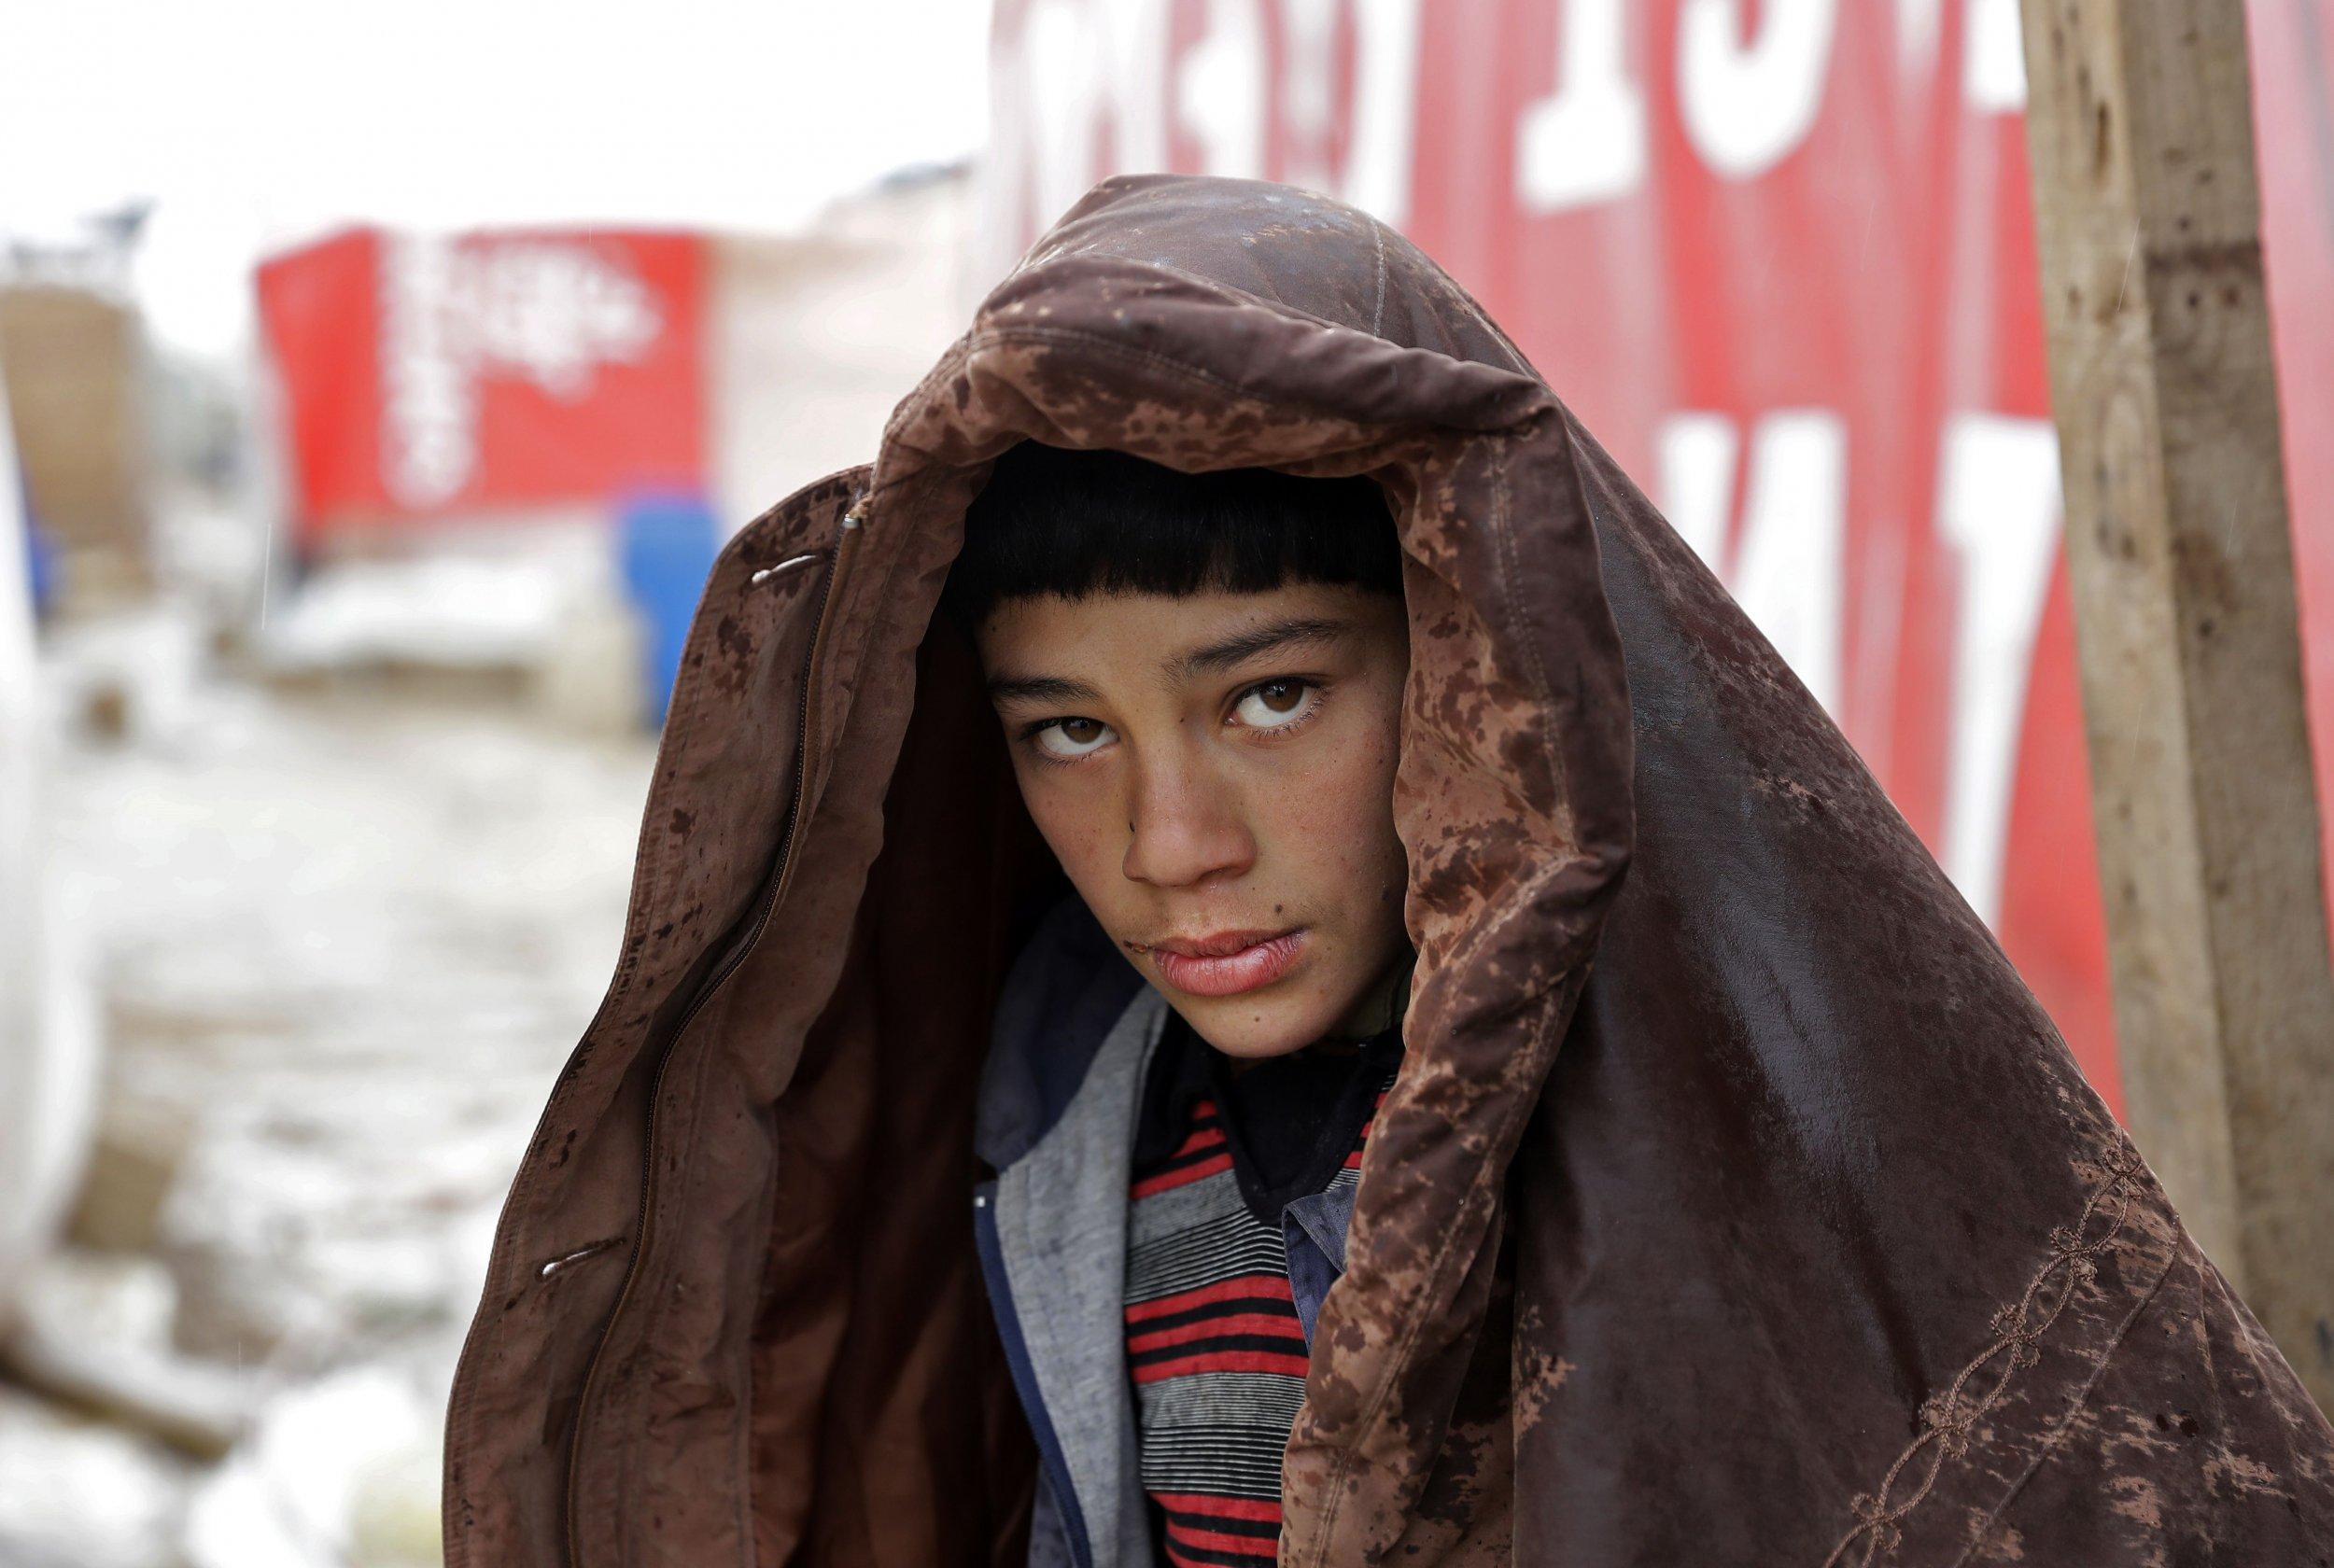 Syrian refugee in Lebanon